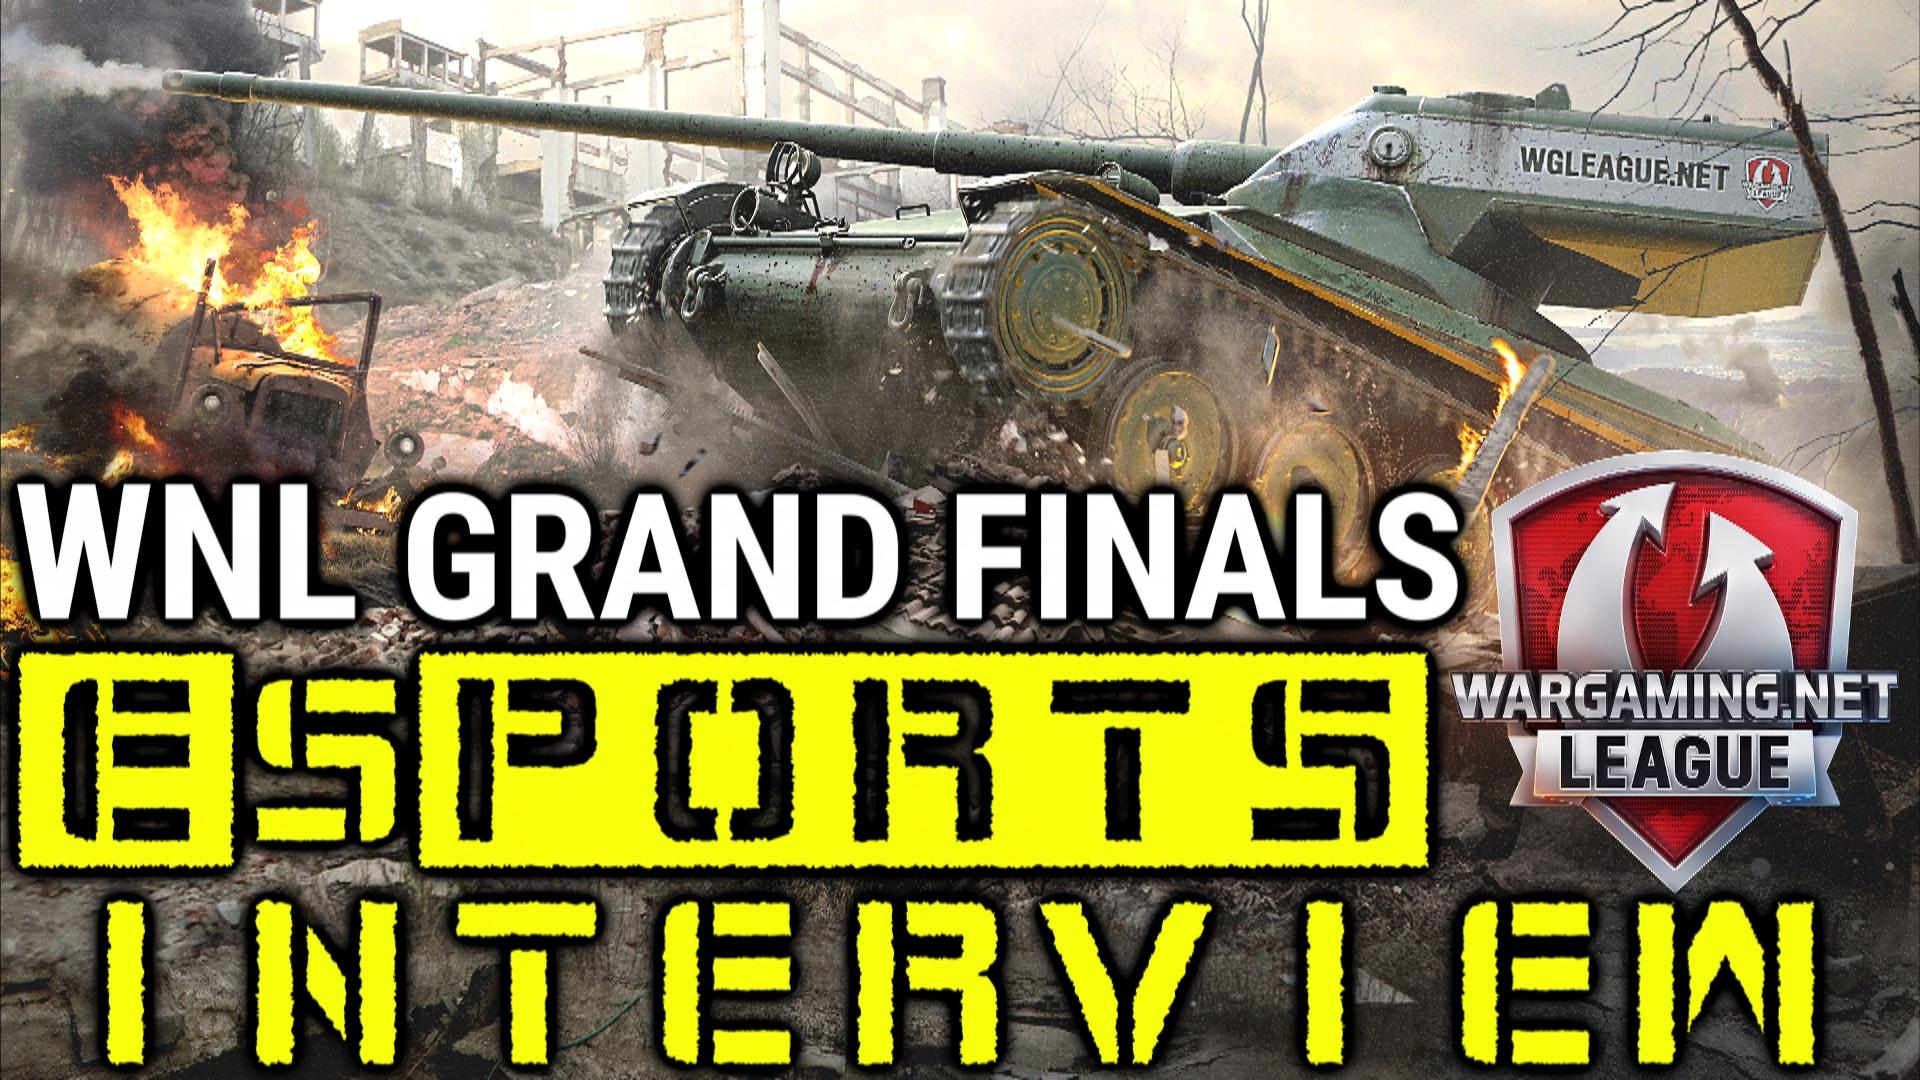 Wargaming.net League (WoT) - Grand Finals eSports Interview